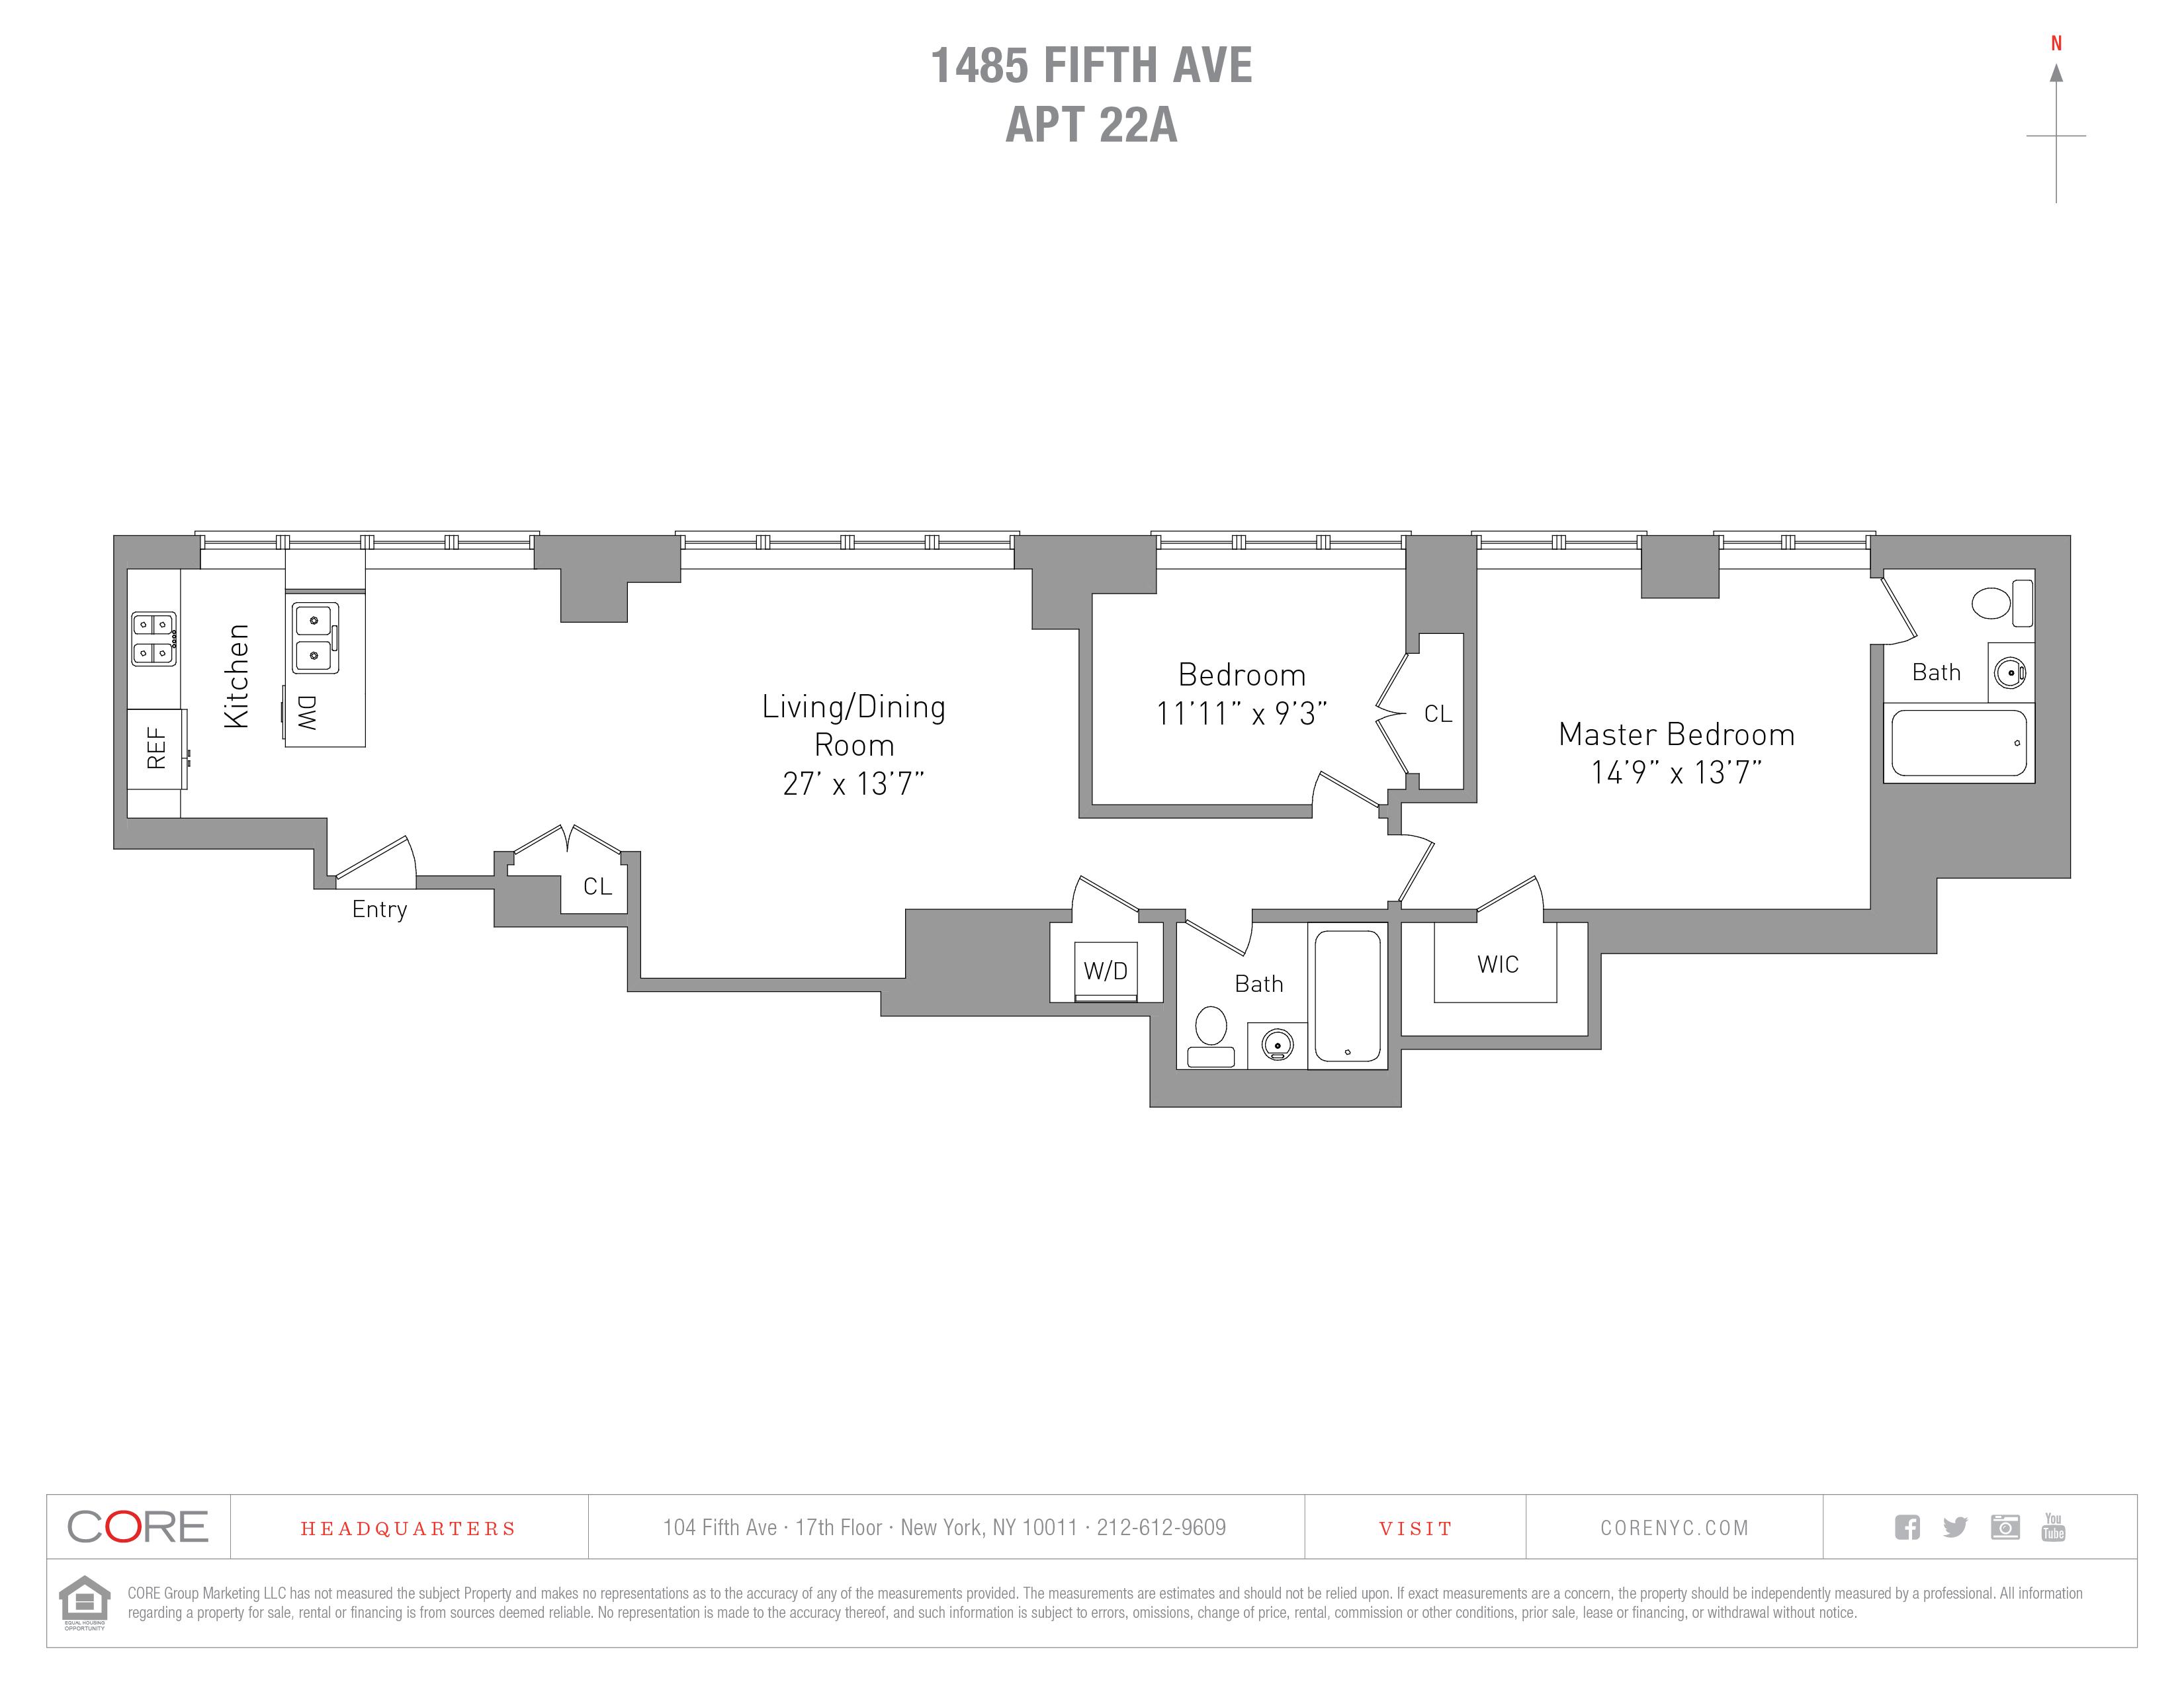 1485 Fifth Ave. 22A, New York, NY 10035